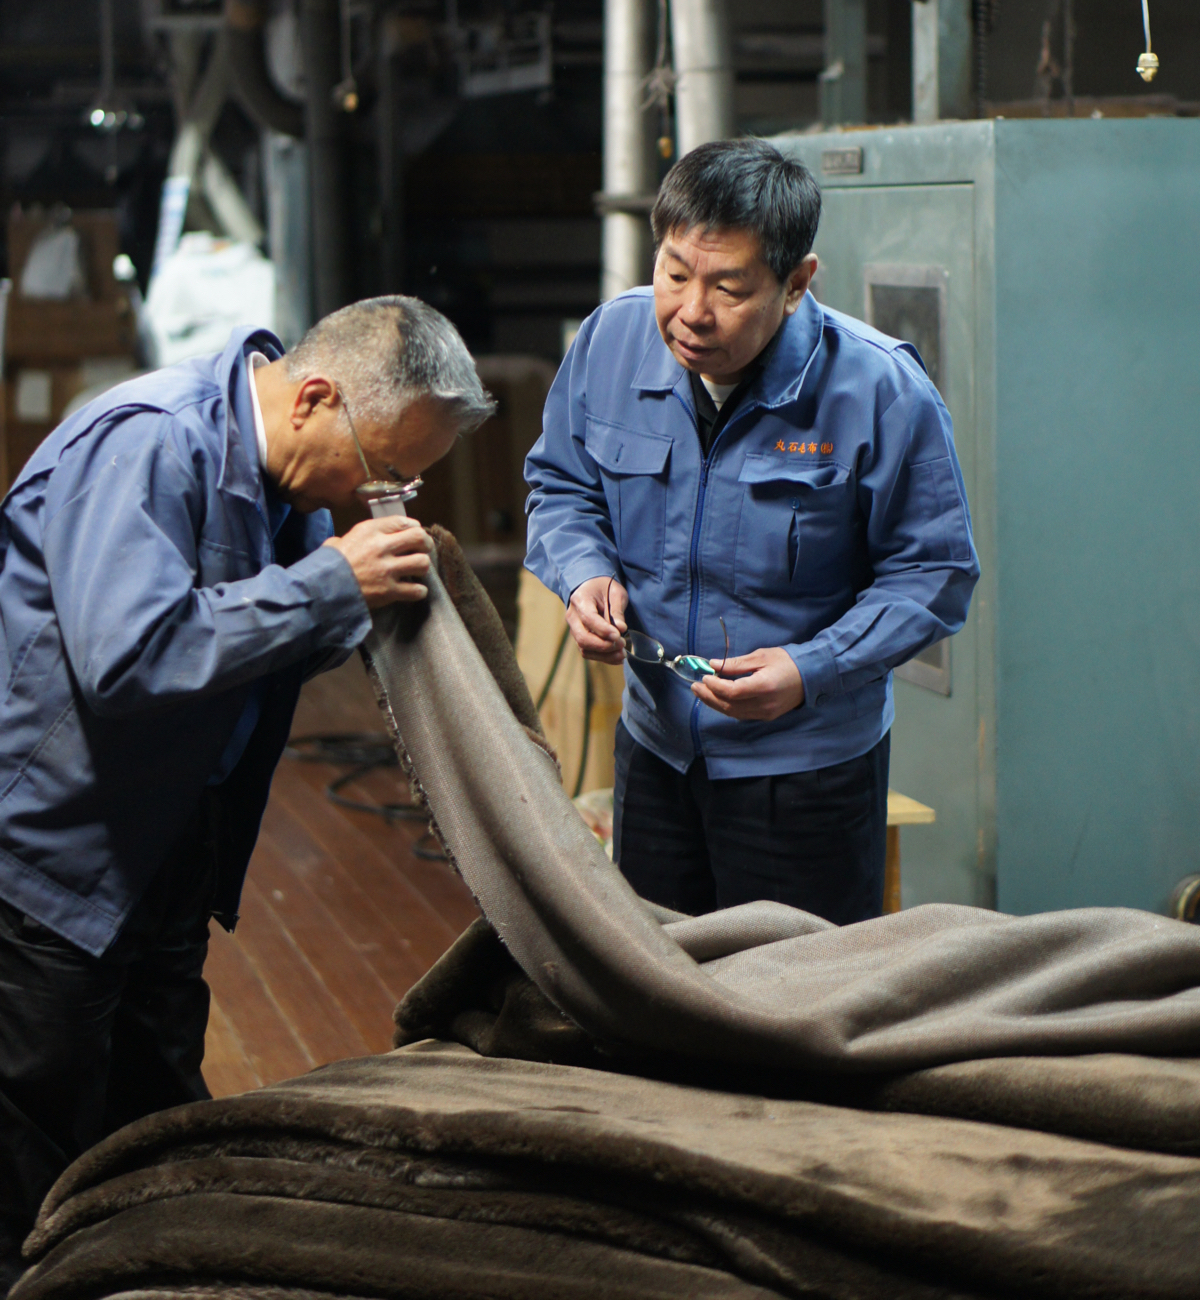 一般的な毛布の仕上げ加工は約30工程ほどですが、本品は、なんと54工程も重ねています。暖かさはもう当たり前、軽さとなめらかさも実現した「毛布」|CALDONIDO NOTTEⅡ(カルドニード ノッテ)